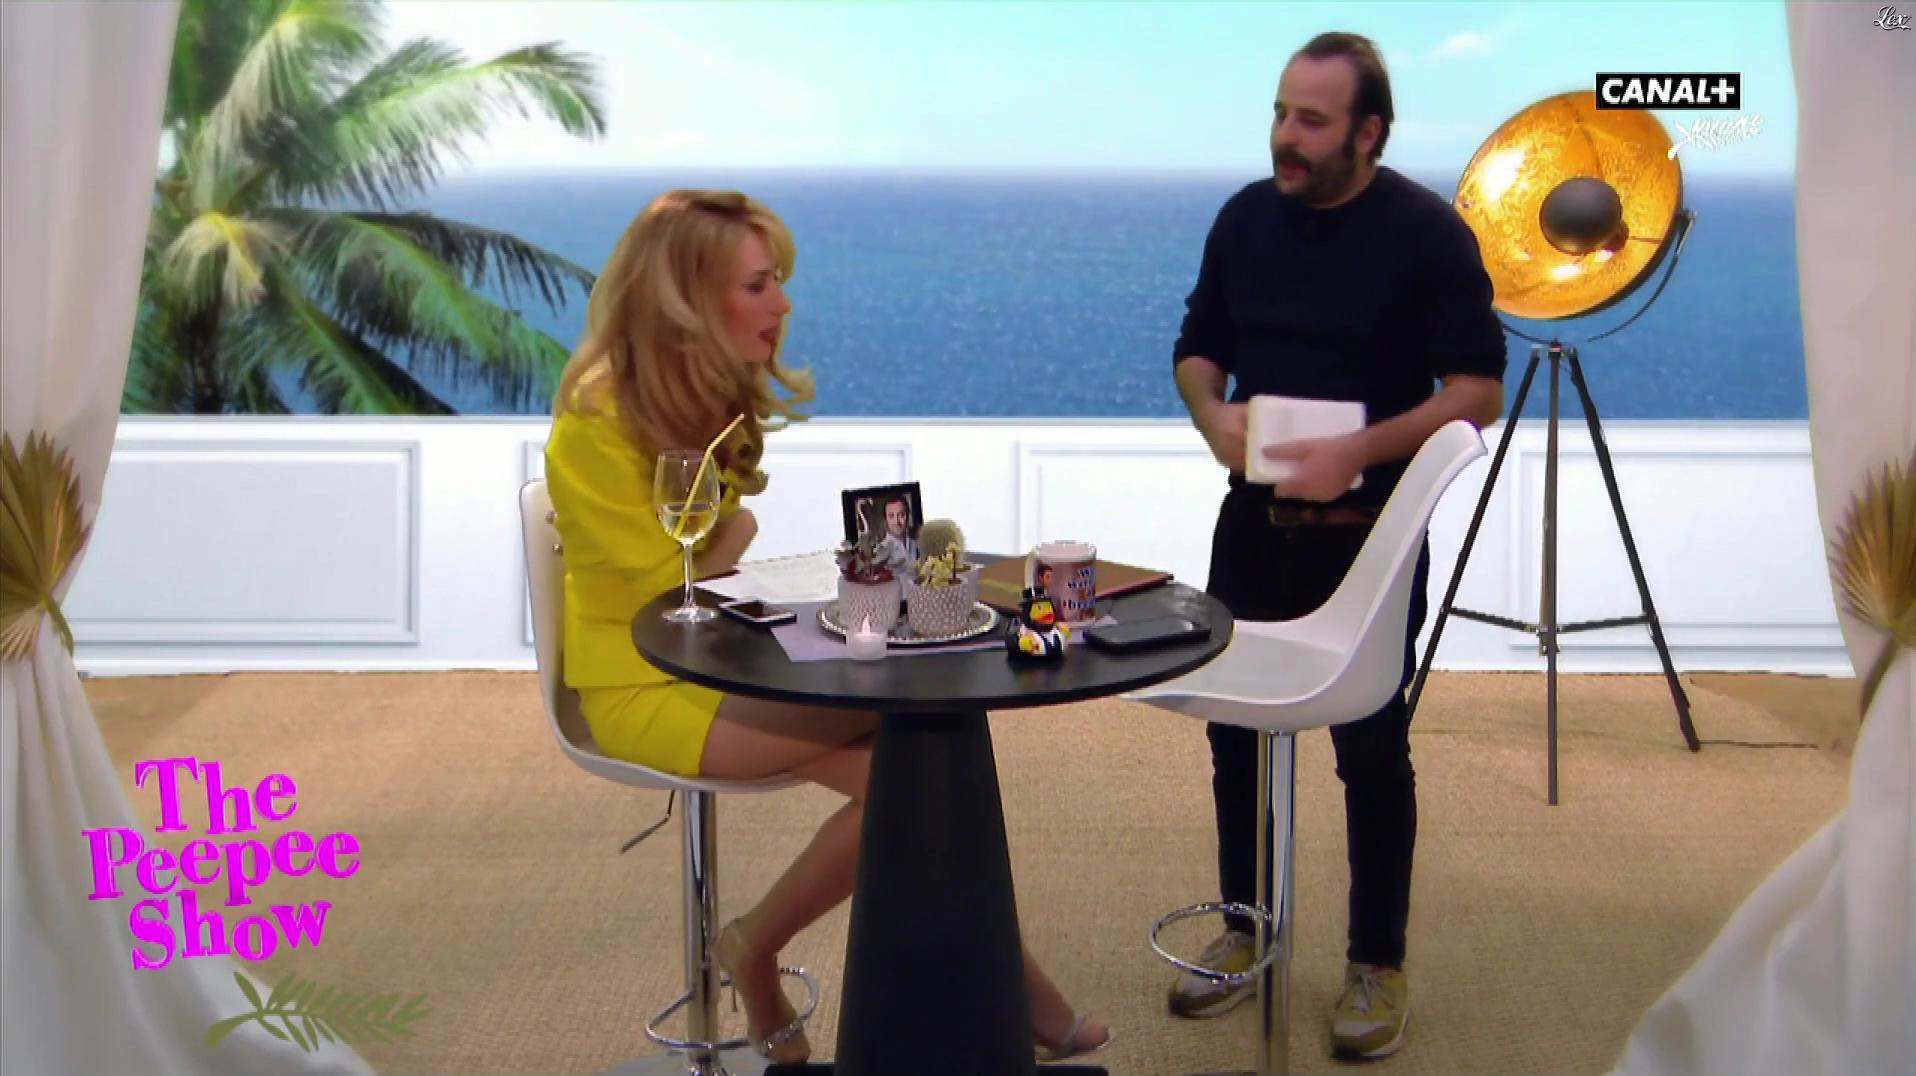 Doria Tillier dans The Peepee Malone Show. Diffusé à la télévision le 14/05/19.